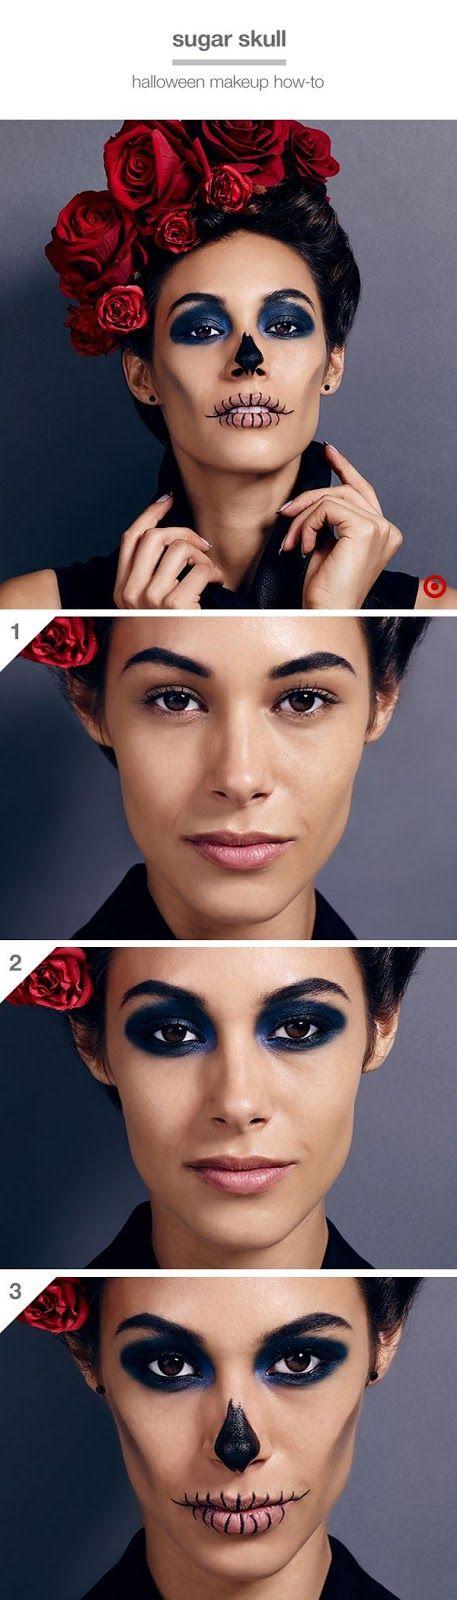 Maquillaje sencillo de Catrina                                                                                                                                                                                 Más